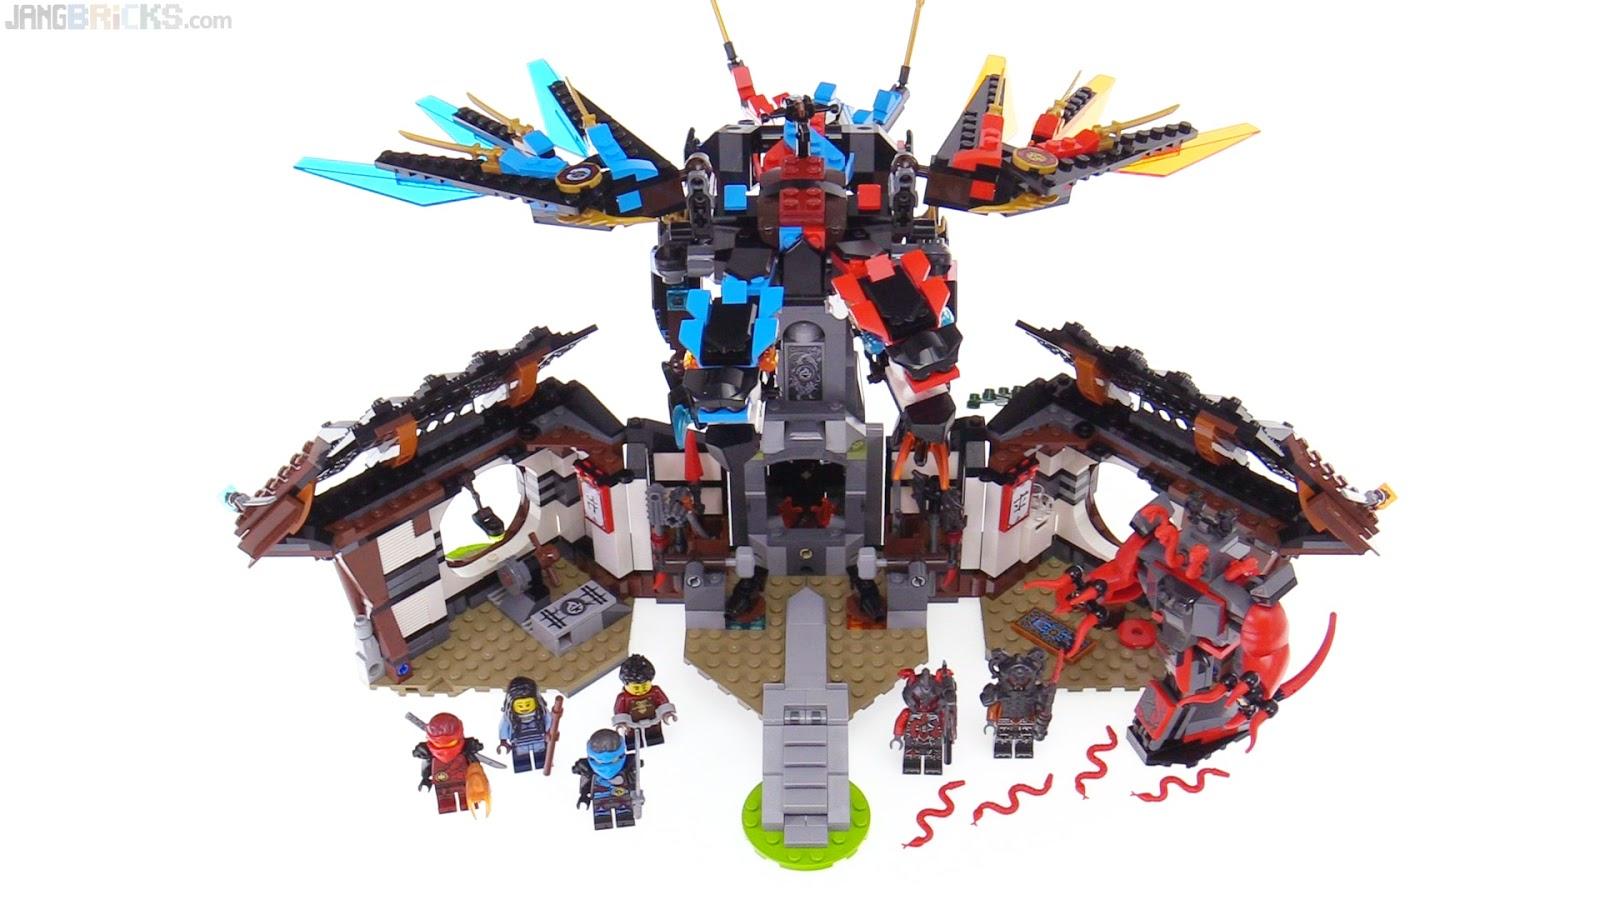 Lego ninjago dragon 39 s forge review 70627 - Dragon ninjago lego ...